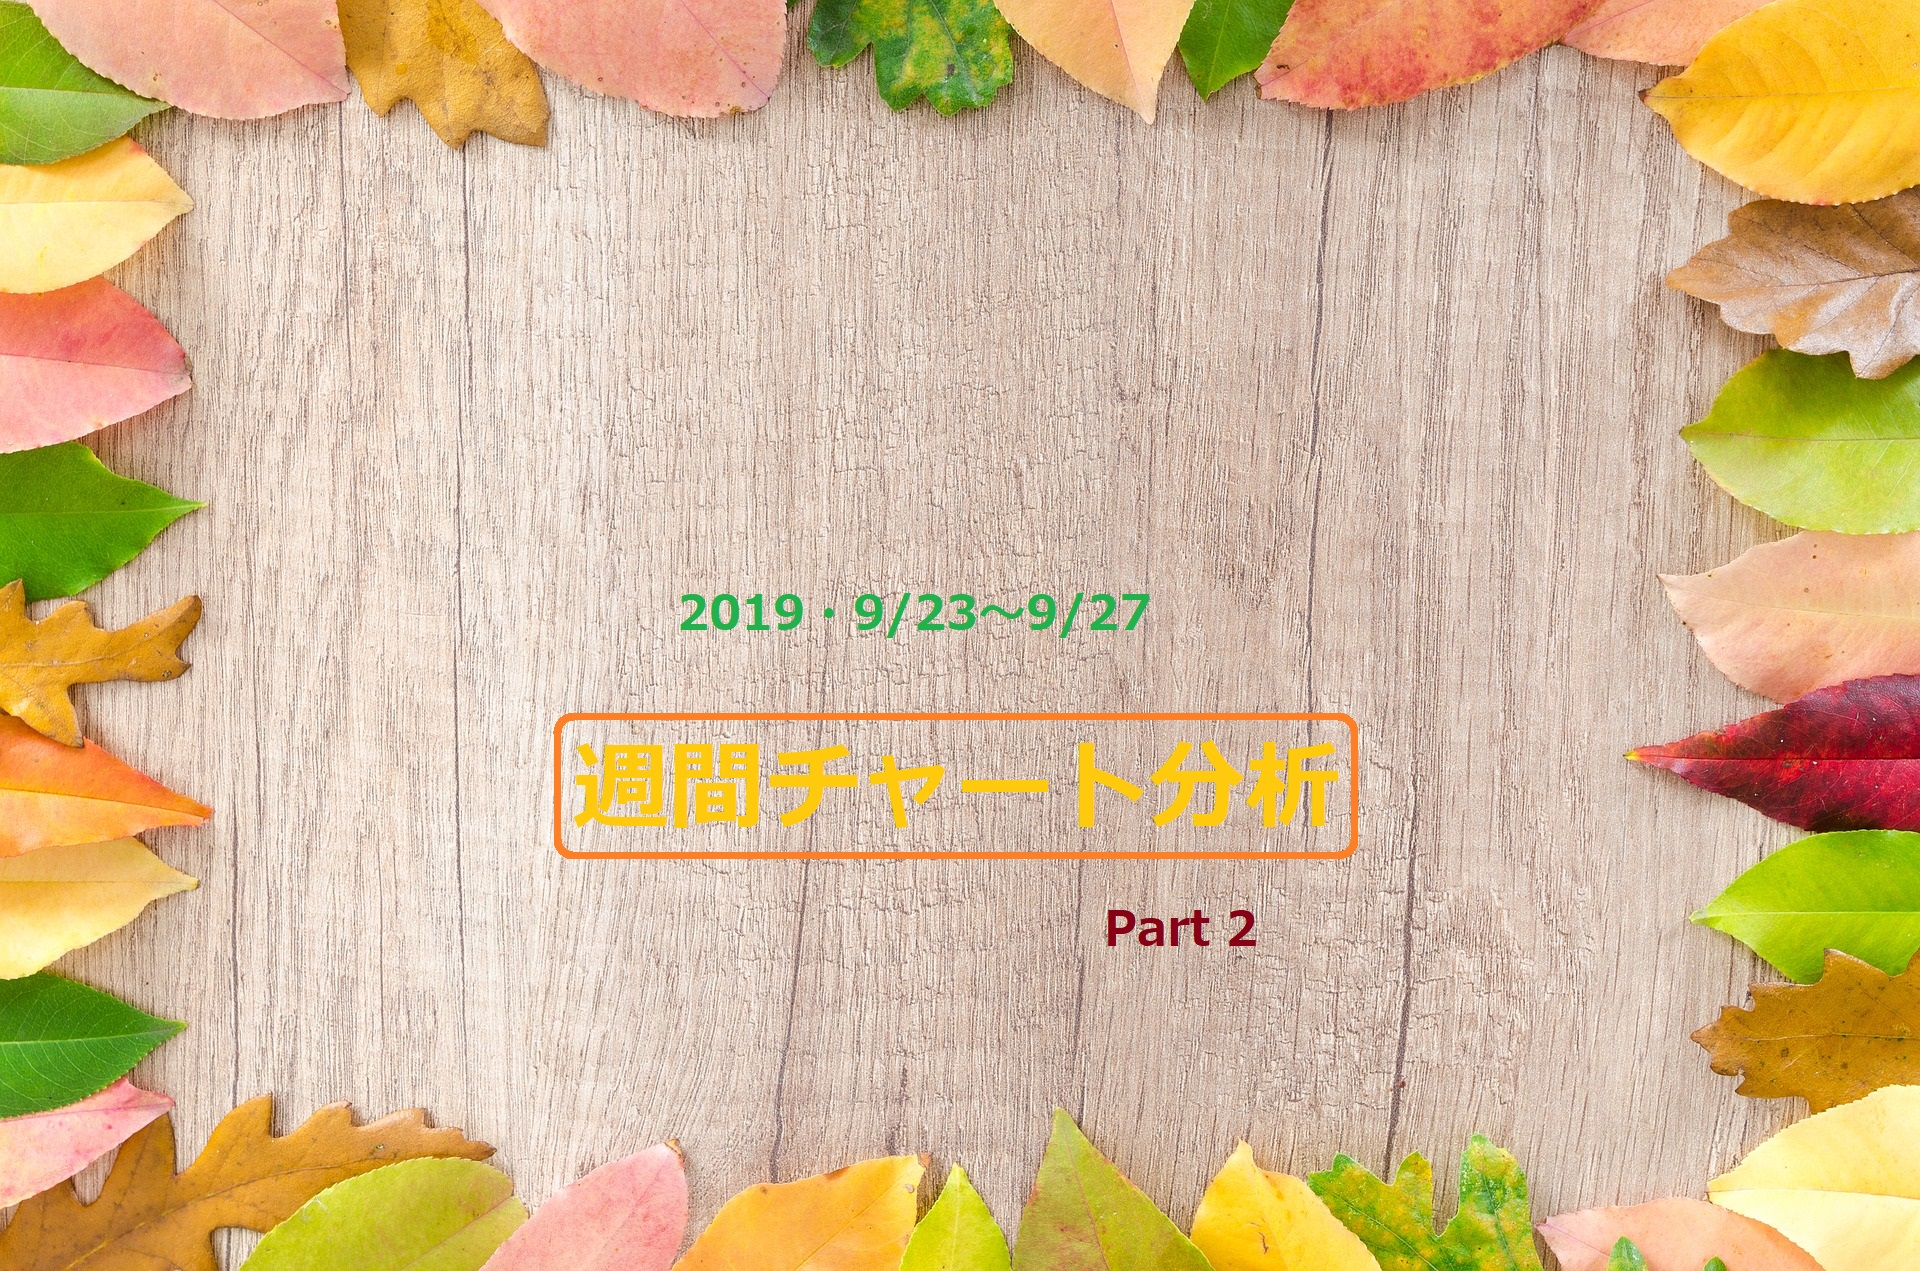 【FX】週間チャート分析【2019・9/23~9/27】【Part 2】